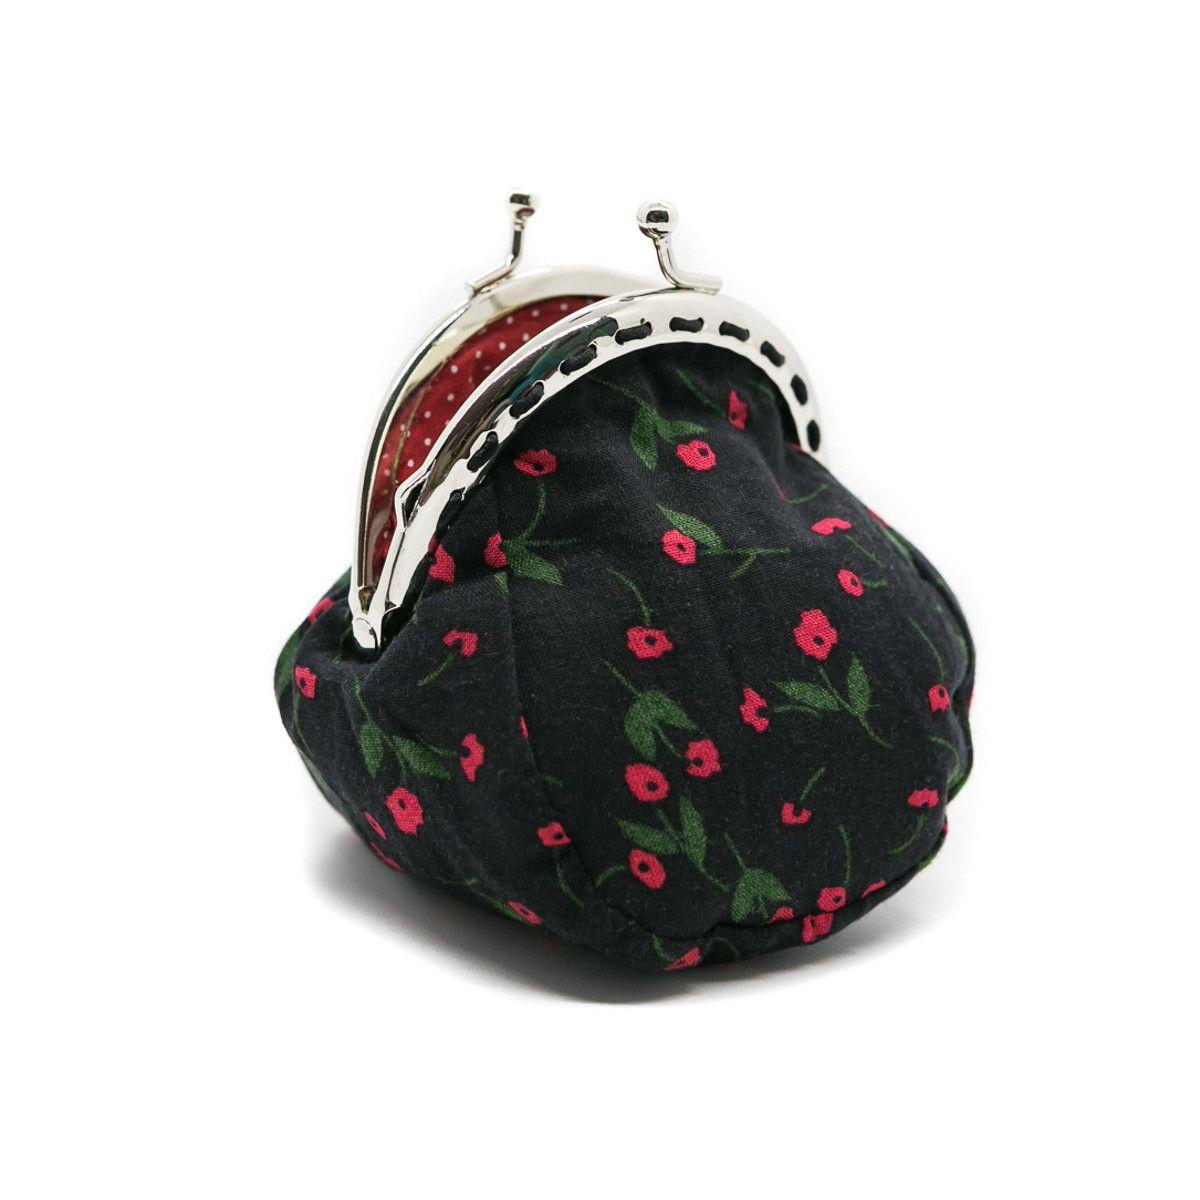 Petit porte-monnaie bourse à clip rétro noir et petites fleurs rouges